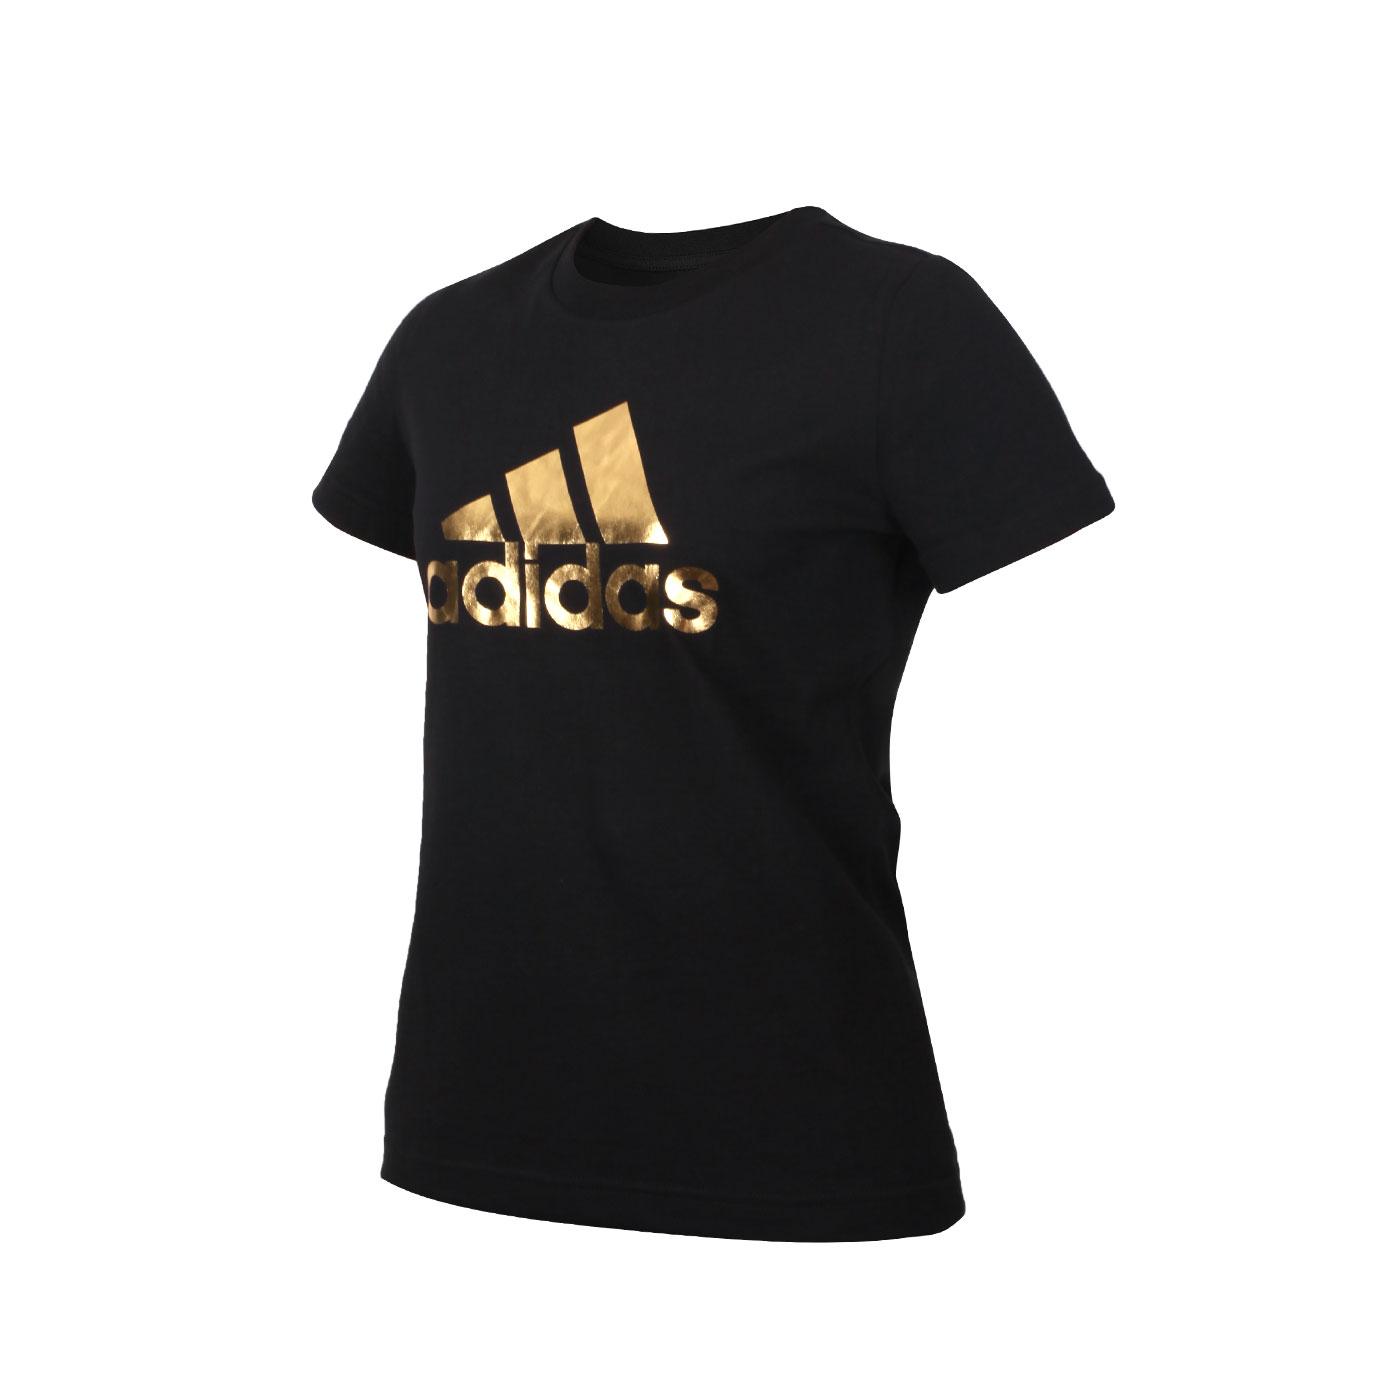 ADIDAS 女款短袖T恤 GI4768